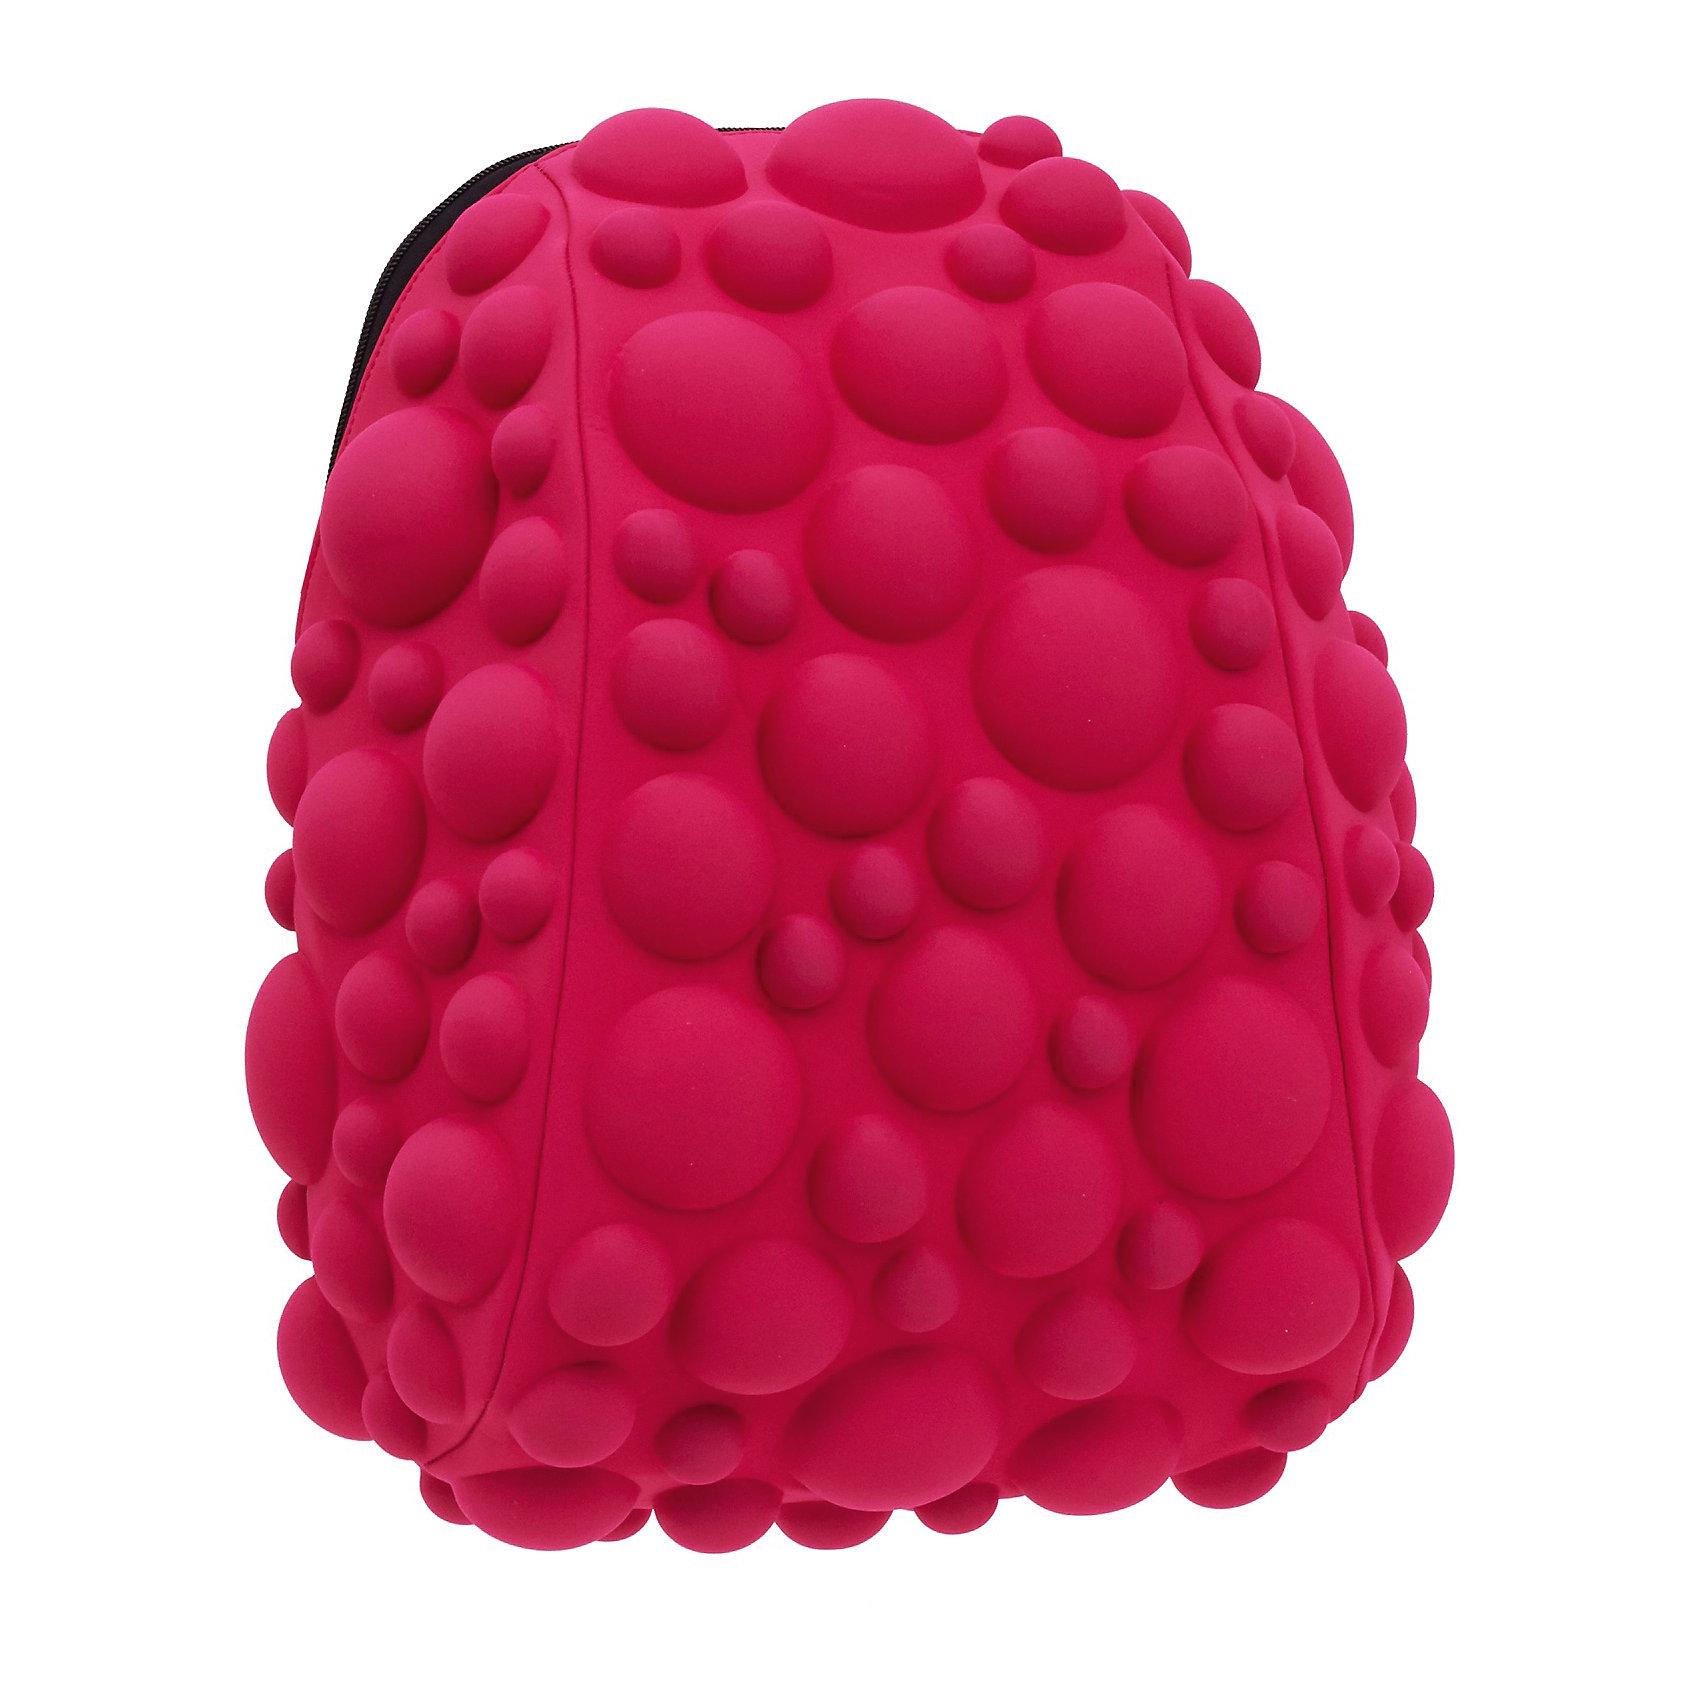 Рюкзак Bubble Half, цвет NEON розовыйРюкзаки<br>Легкий и вместительный рюкзак с одним основным отделением с застежкой на молниии. В основное отделение с легкостью входит ноутбук  размером диагонали 13 дюймов, iPad и формат А4. Незаменимый аксессуар как для активного городского жителя, так и для школьников и студентов. Широкие лямки можно регулировать для наиболее удобной посадки, а мягкая ортопедическая спинка делает ношение наиболее удобным и комфортным.<br><br>Ширина мм: 36<br>Глубина мм: 31<br>Высота мм: 15<br>Вес г: 600<br>Возраст от месяцев: 84<br>Возраст до месяцев: 420<br>Пол: Женский<br>Возраст: Детский<br>SKU: 5344321